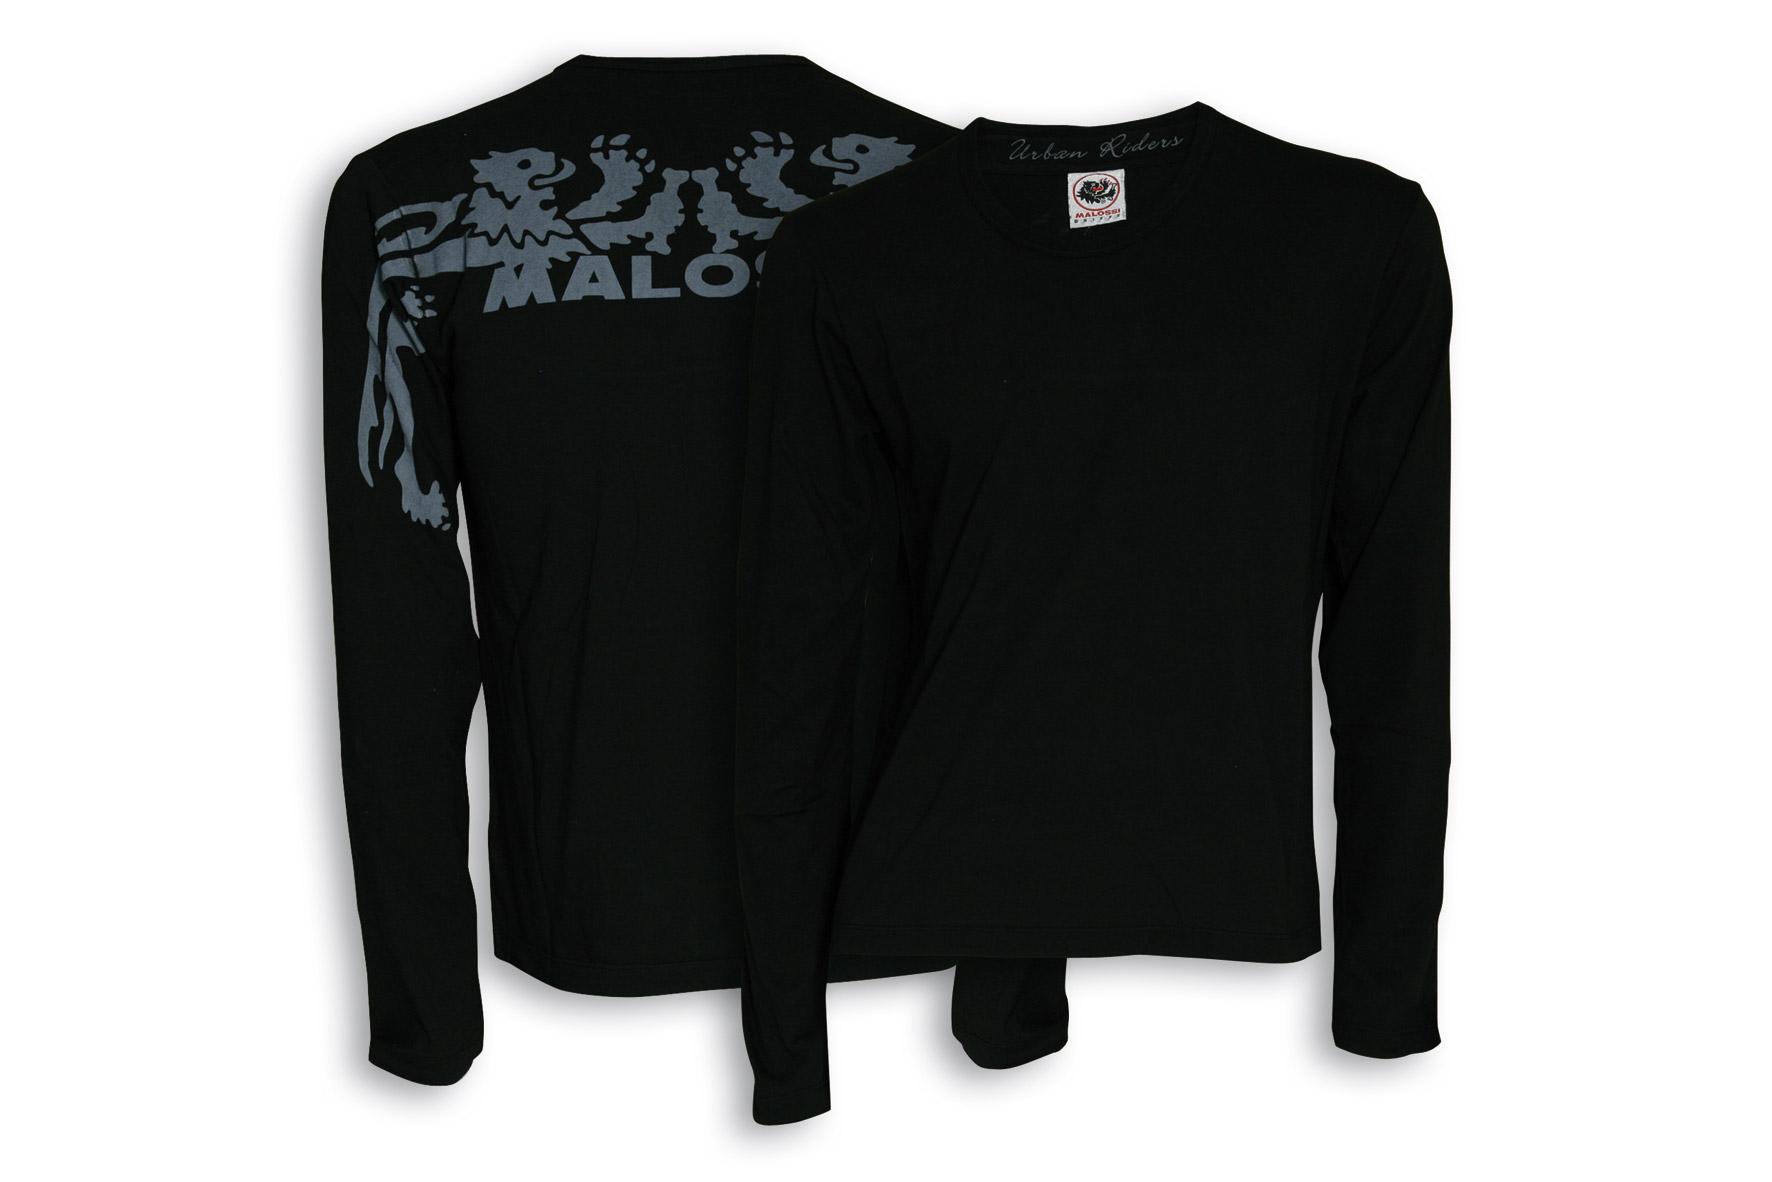 T - shirt Malossi Griffe START con manica lunga di colore nero - taglia M